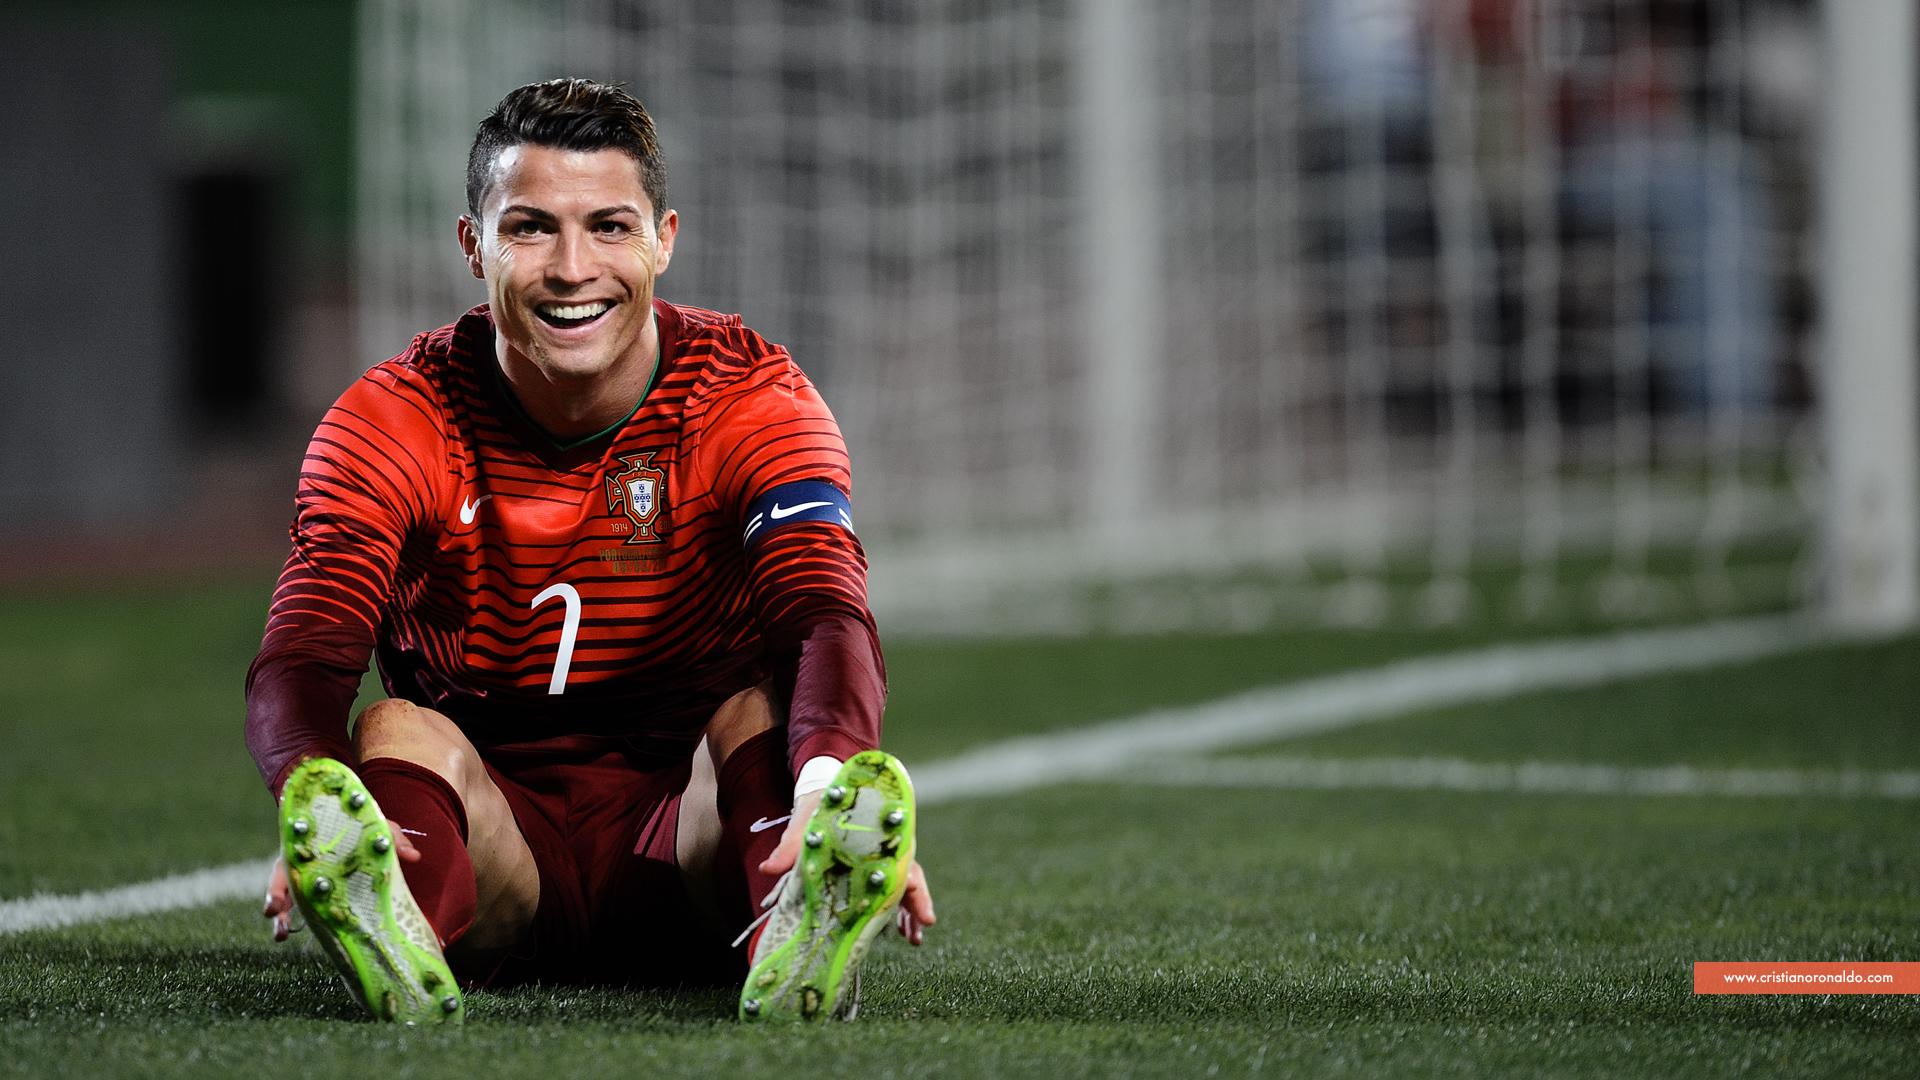 Brasil 2014: Los partidos, los jugadores y los goles más buscados en Google